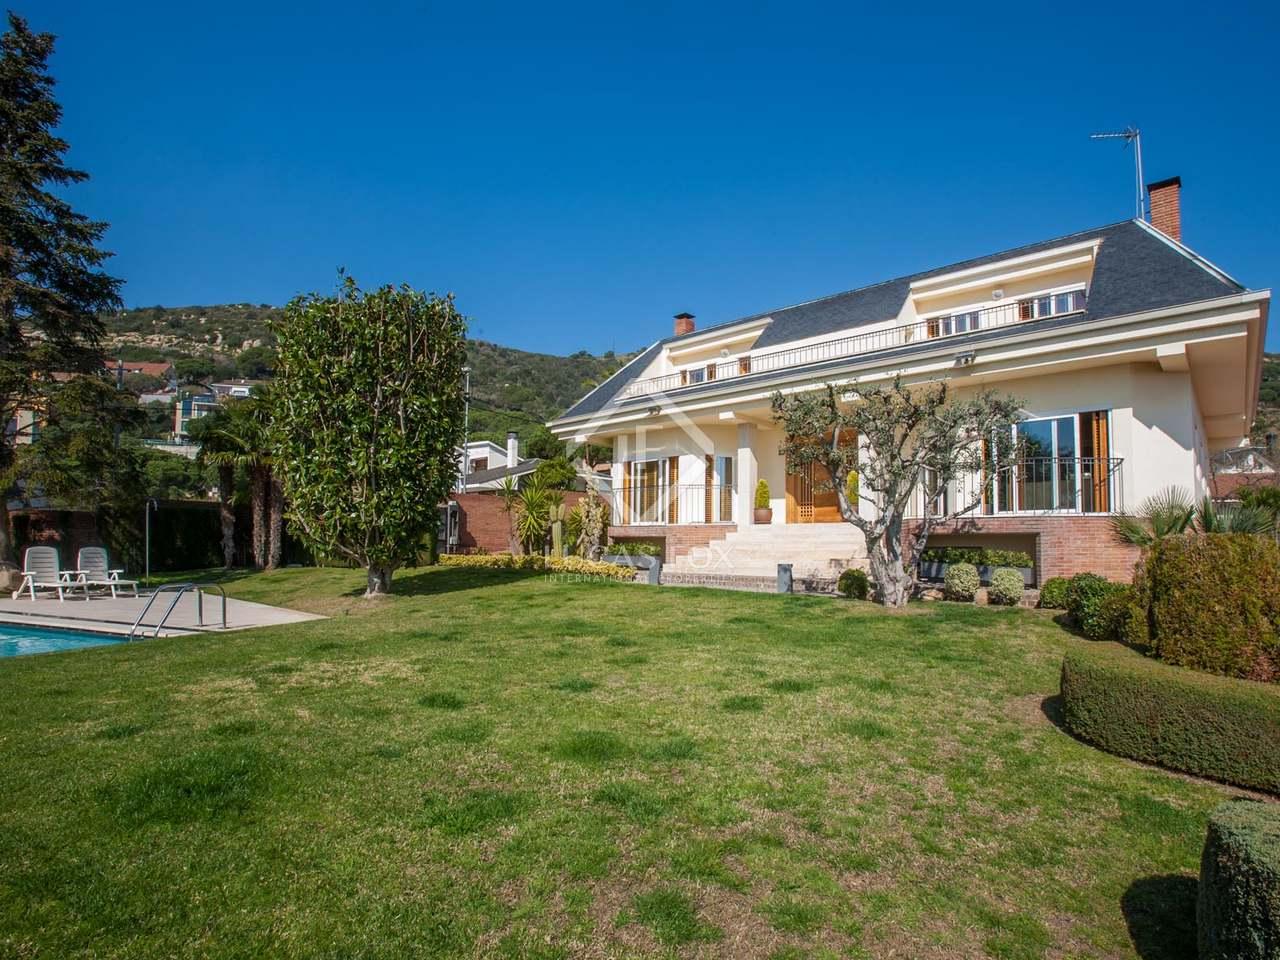 Villa de 5 dormitorios en venta en badalona barcelona for Casa jardin badalona